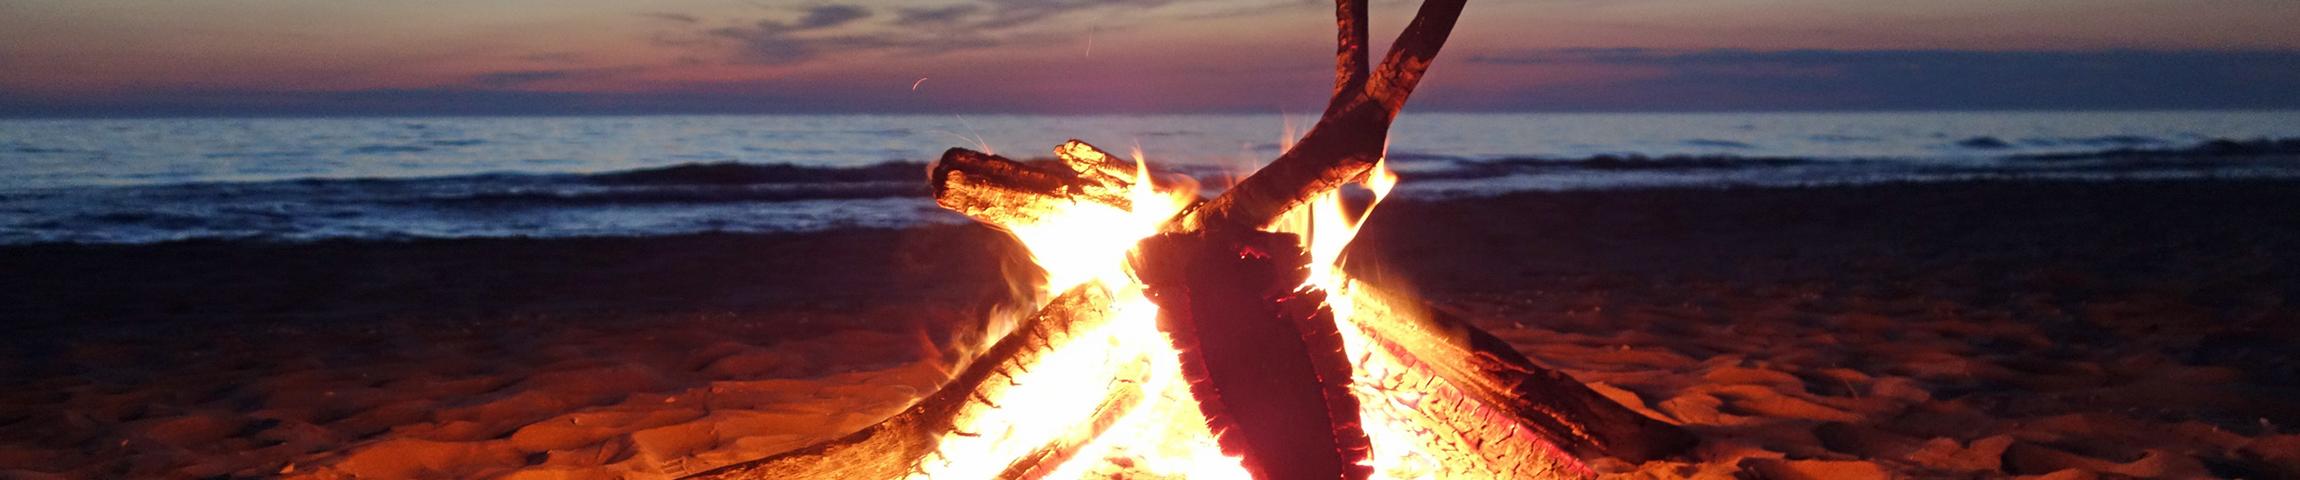 Grills & Feuerstellen für ein schönes Ambiente